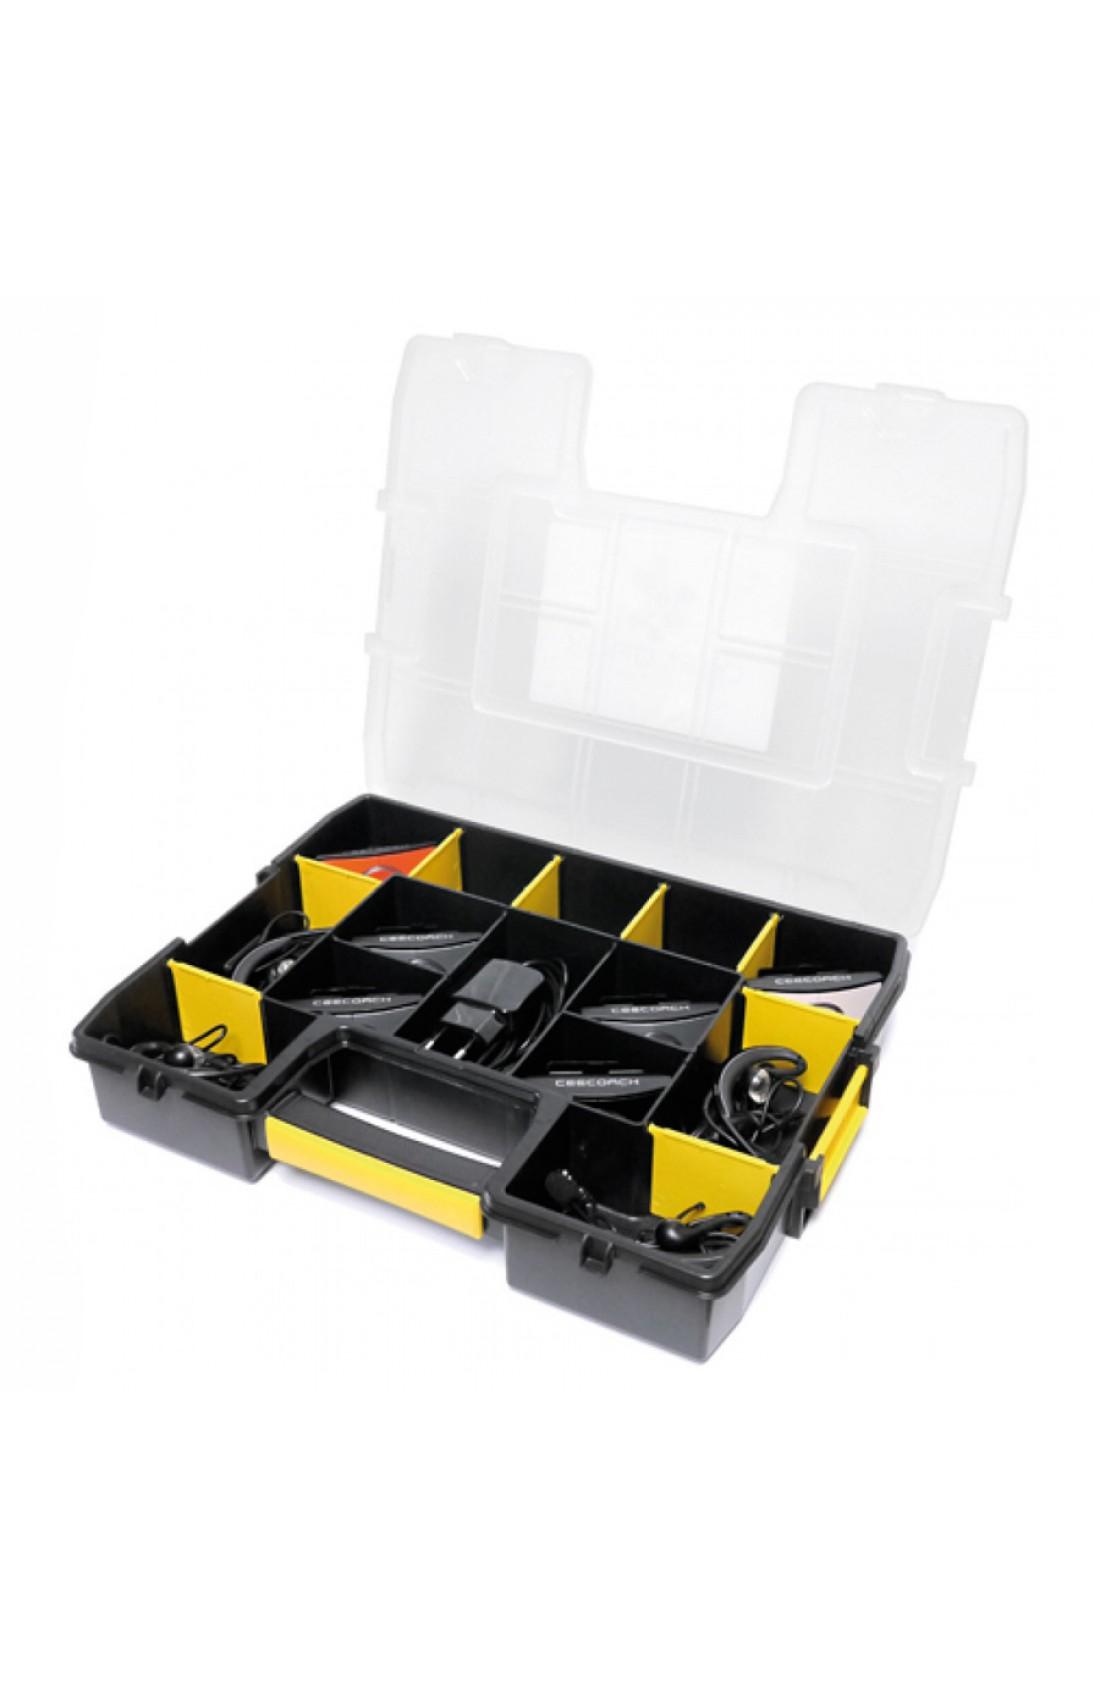 CEECOACH™- Koffer für 6 Geräte